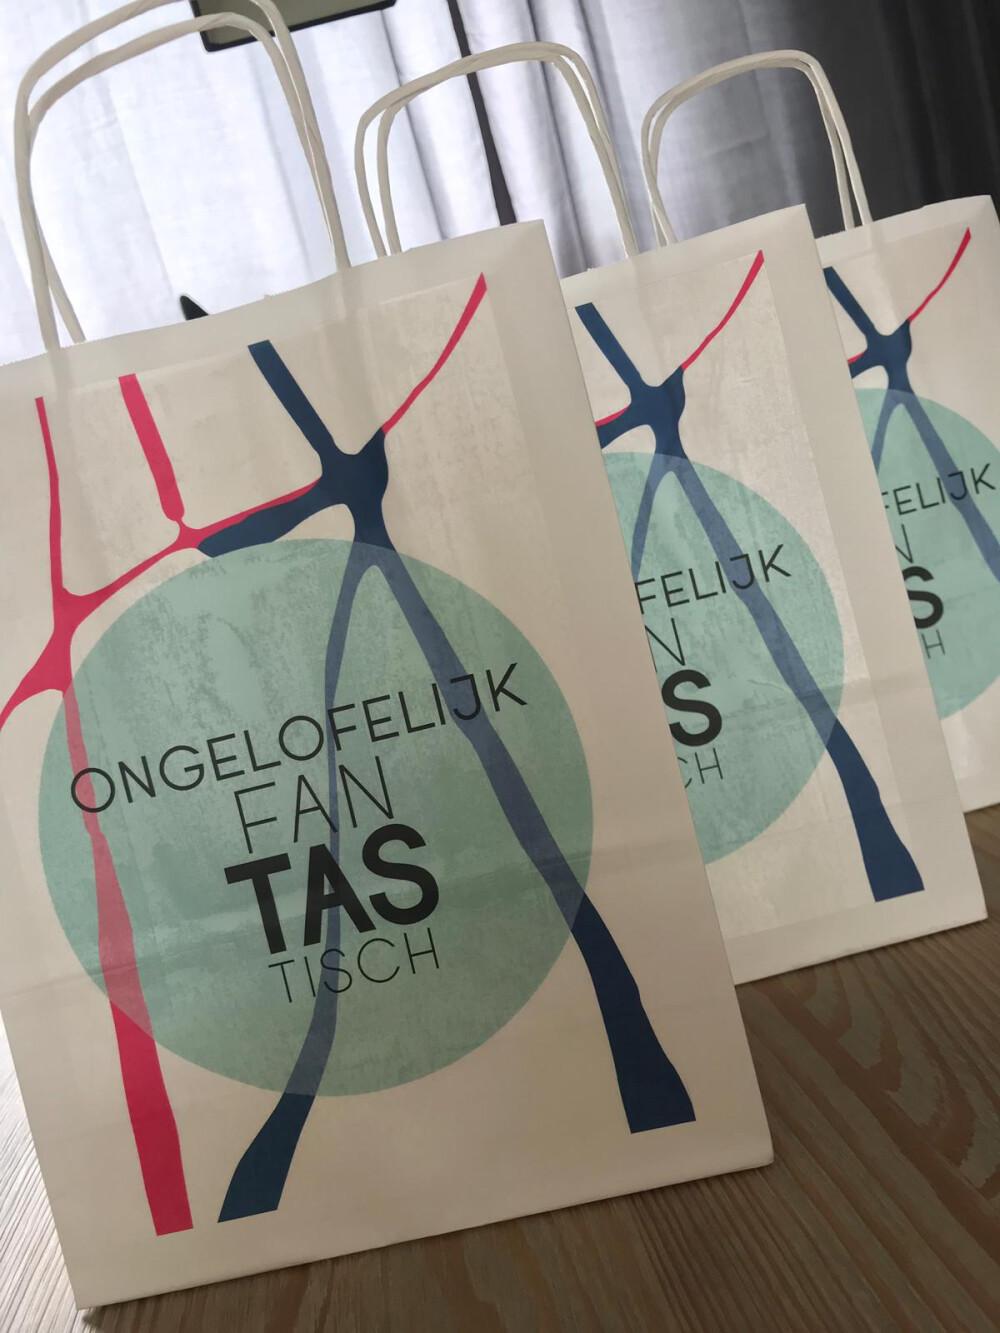 9e5e5d498bd Debuutalbum Marieke van Ruitenbeek door Marieke v Ruitenbeek ...